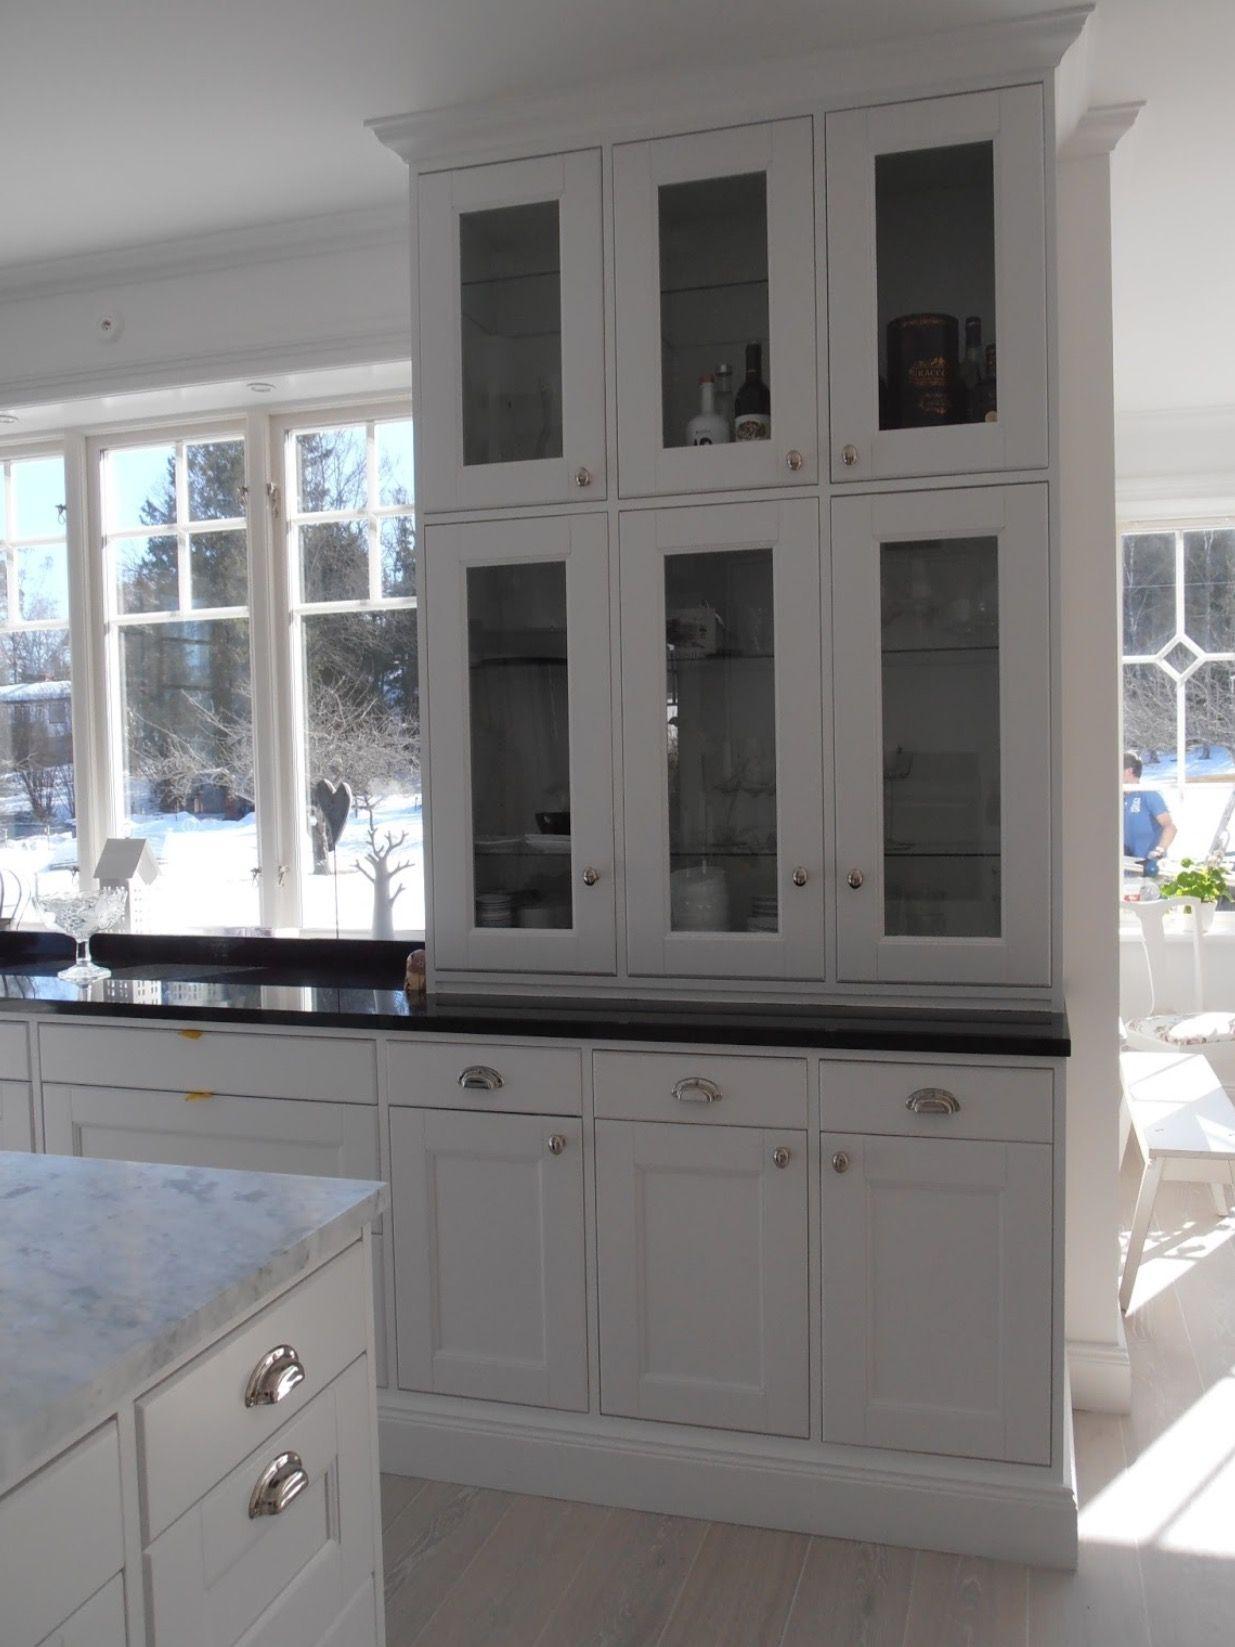 Ikea ramsjö keuken pinterest kitchens ikea kitchen remodel